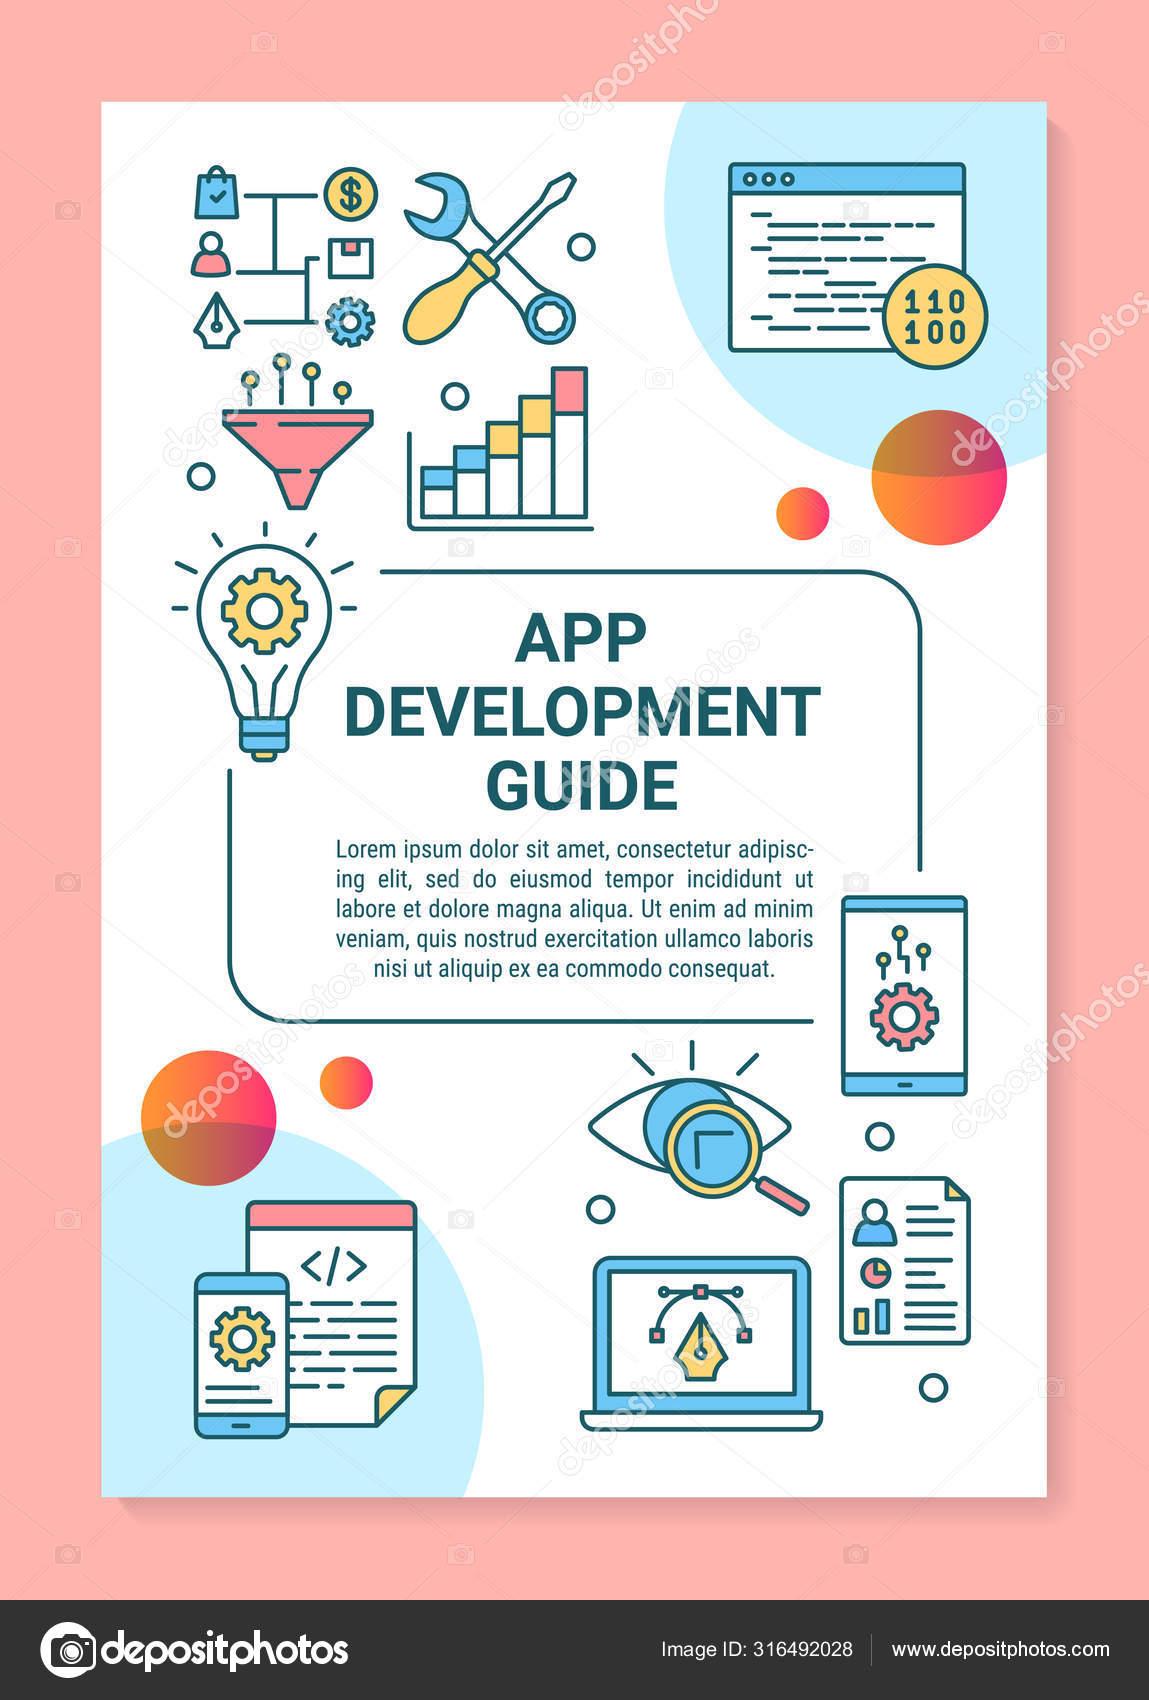 App Development Guide Poster Template Layout Software Framework Design Guidance Stock Vector C Bsd 316492028